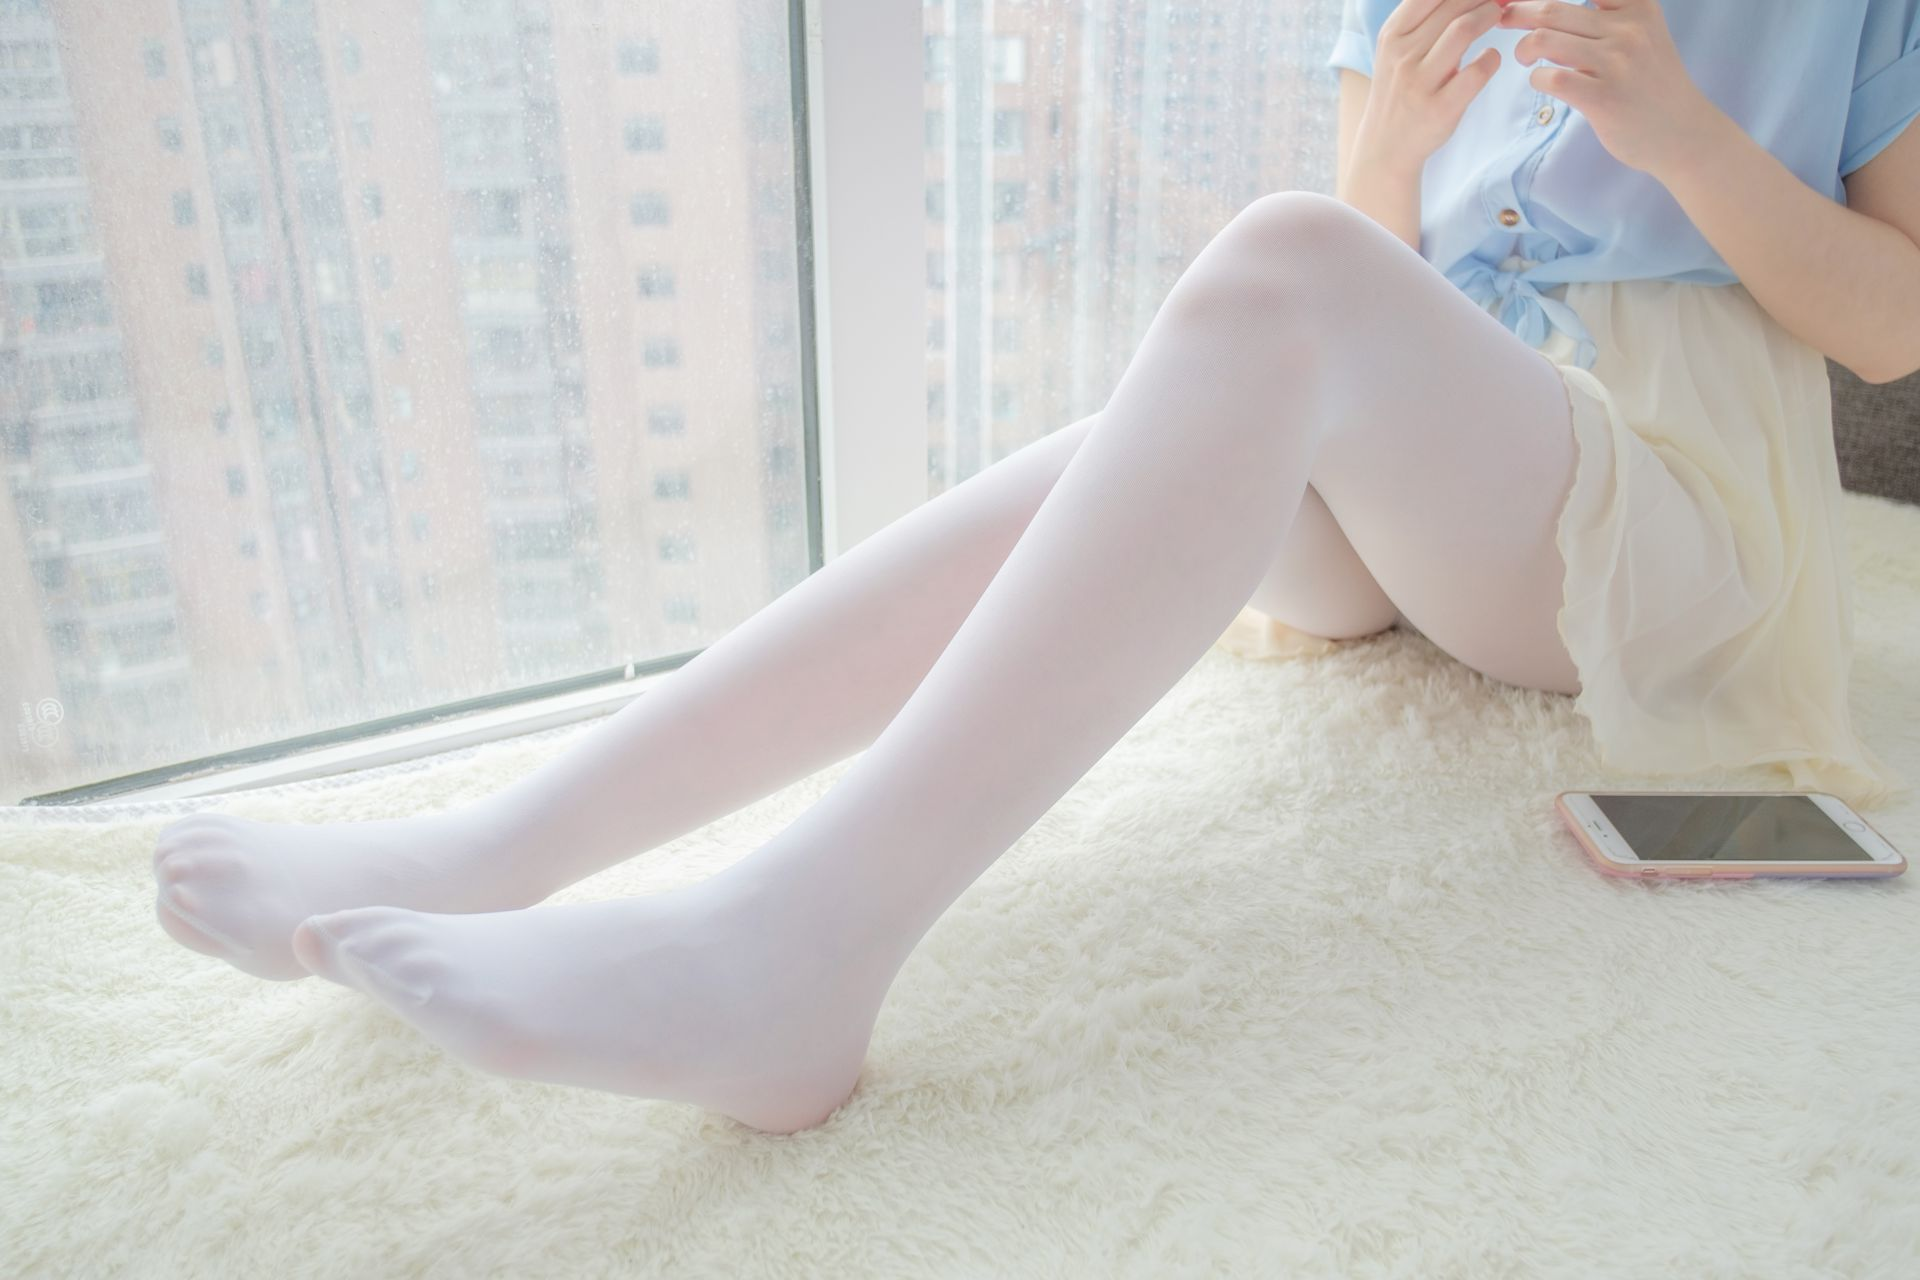 【森萝财团】森萝财团写真 - R15-007 窗台上的薄纱少女 [83P-520MB] R15系列 第4张